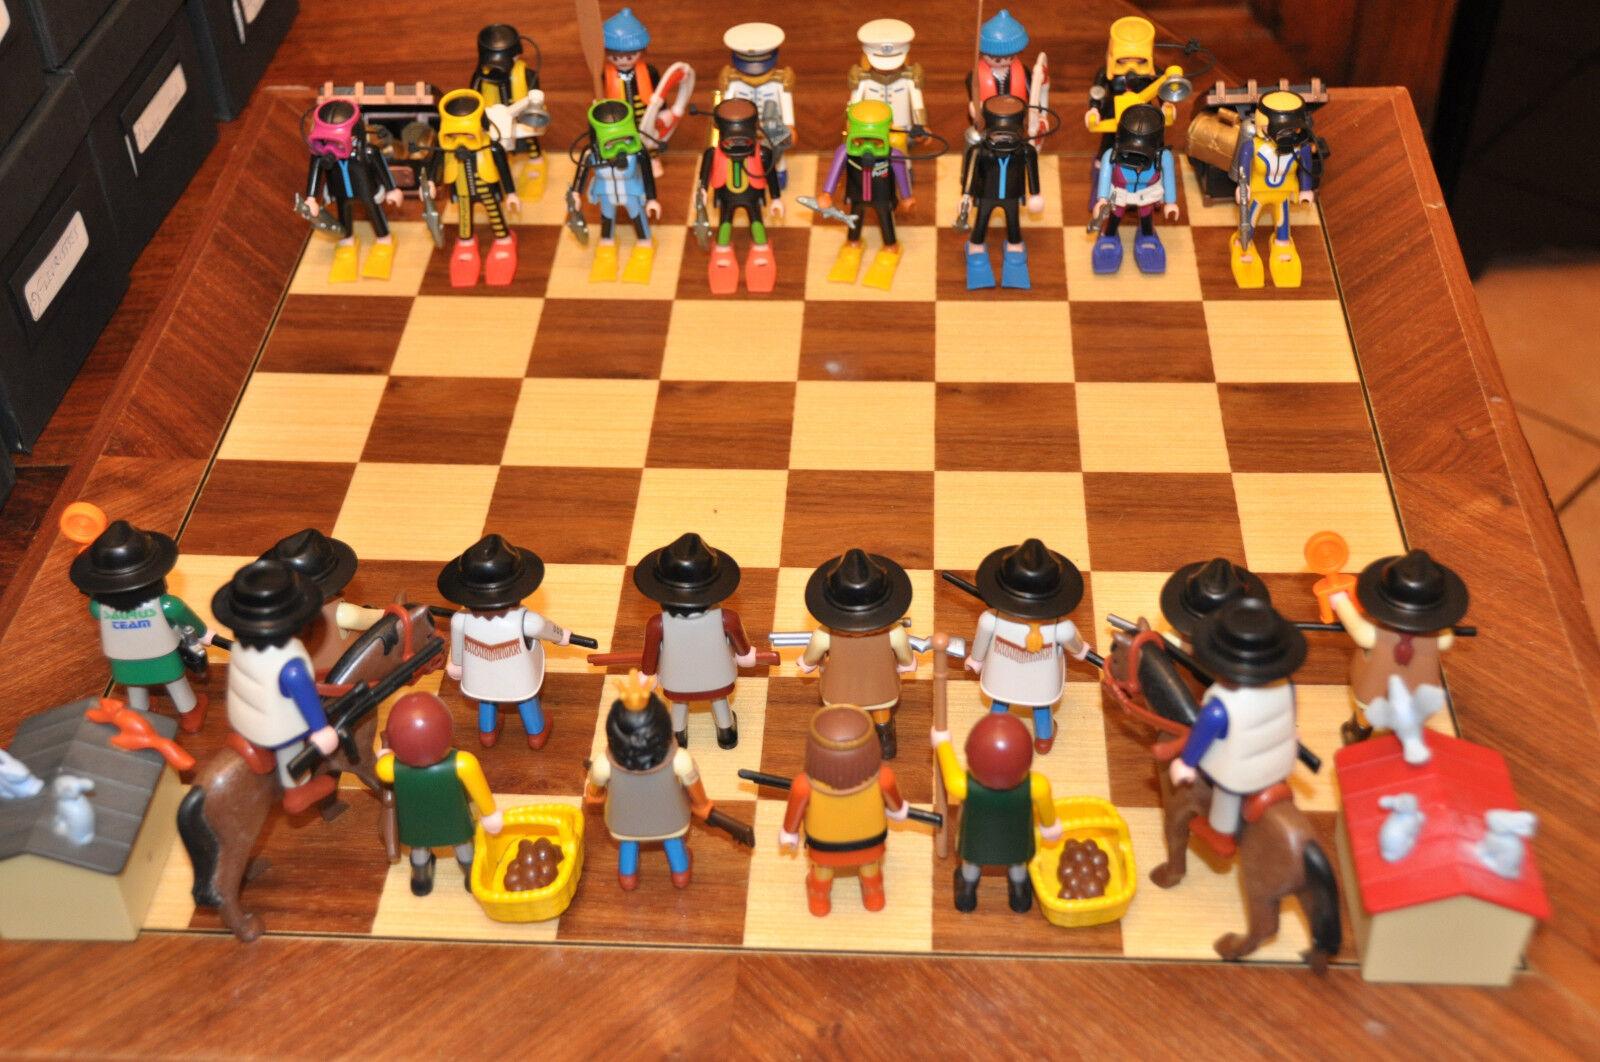 Jeu d'échecs playmobil - Série chasseurs - chasse sous marine  chasseurs (12)  voici la dernière